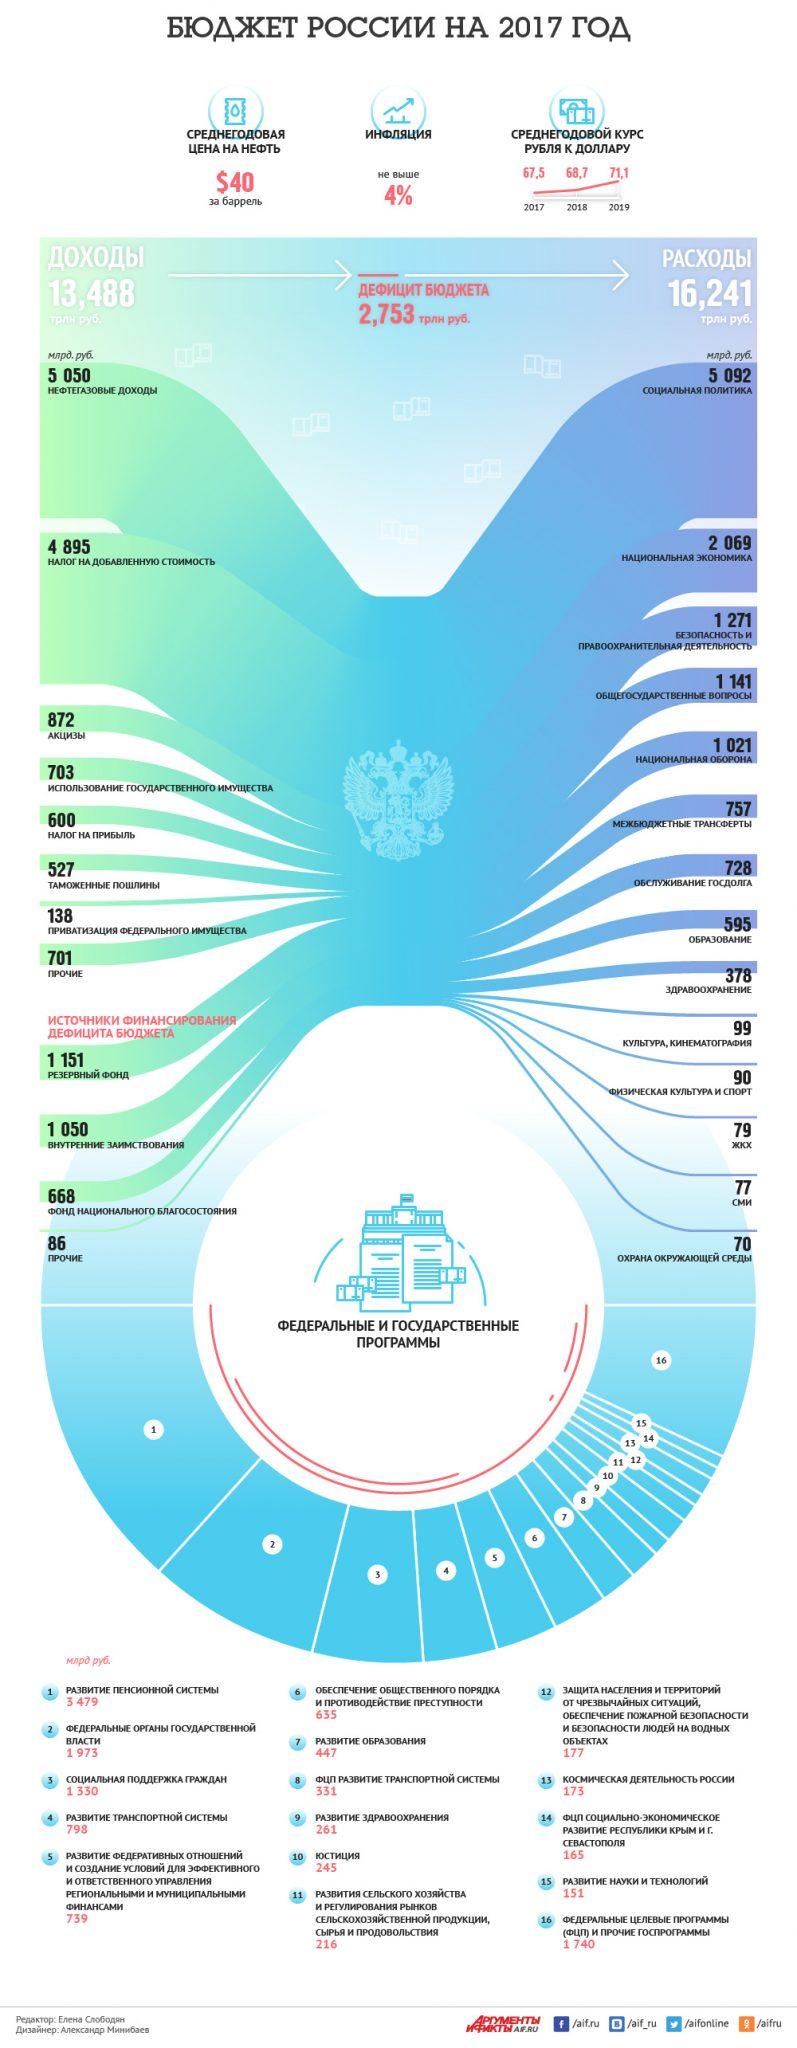 бюджет россии на 2017 год инфографика фото